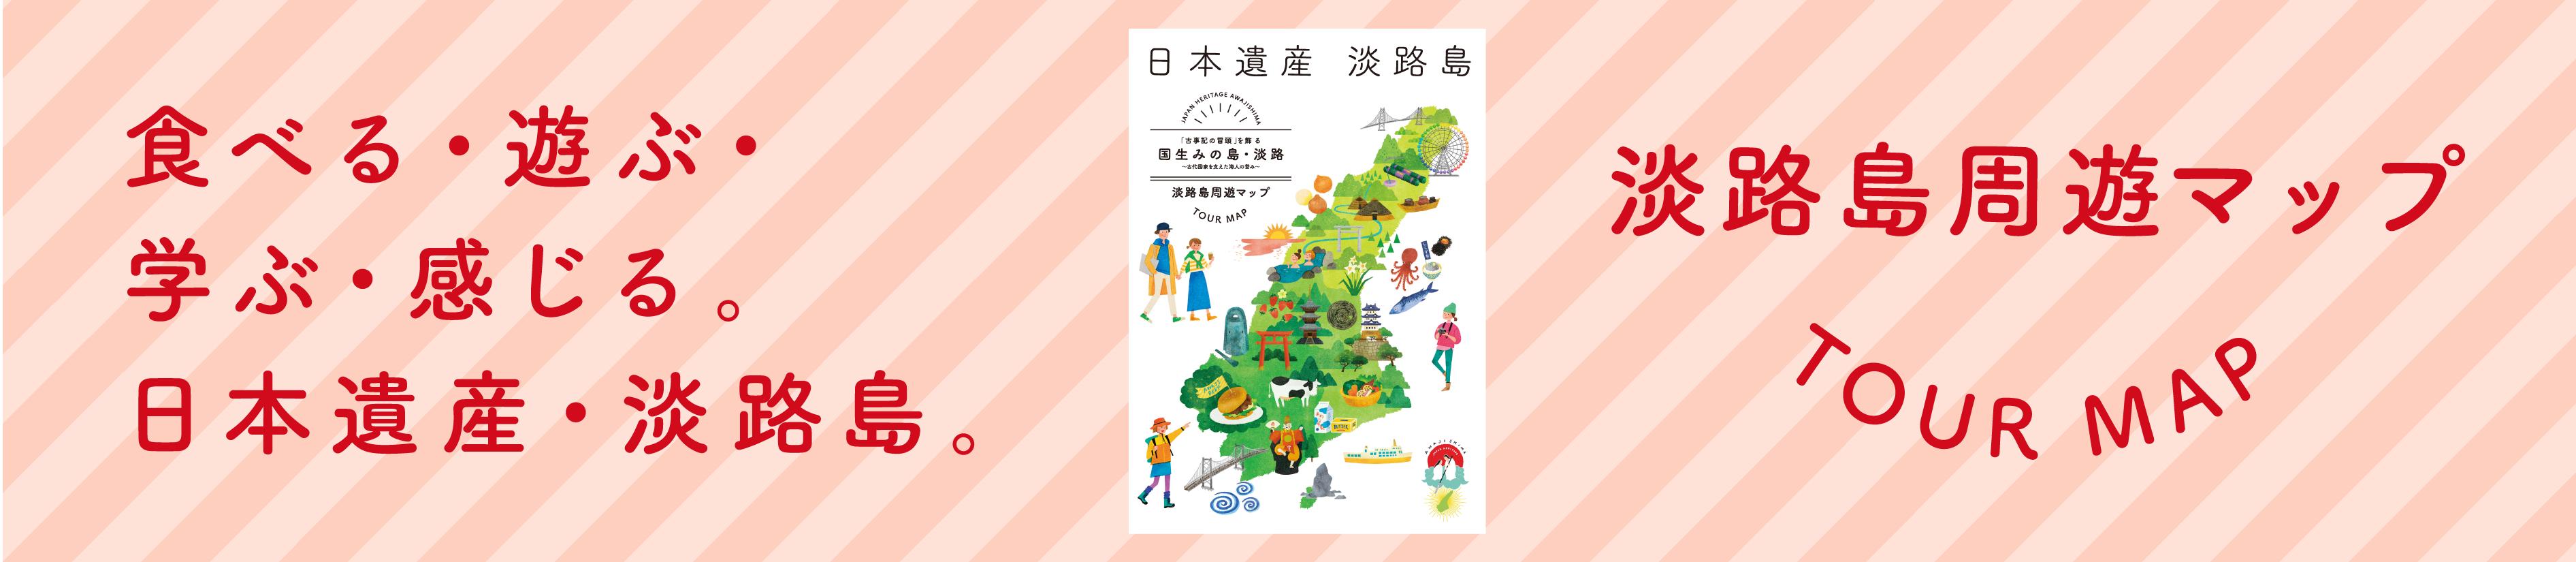 淡路島周遊マップ